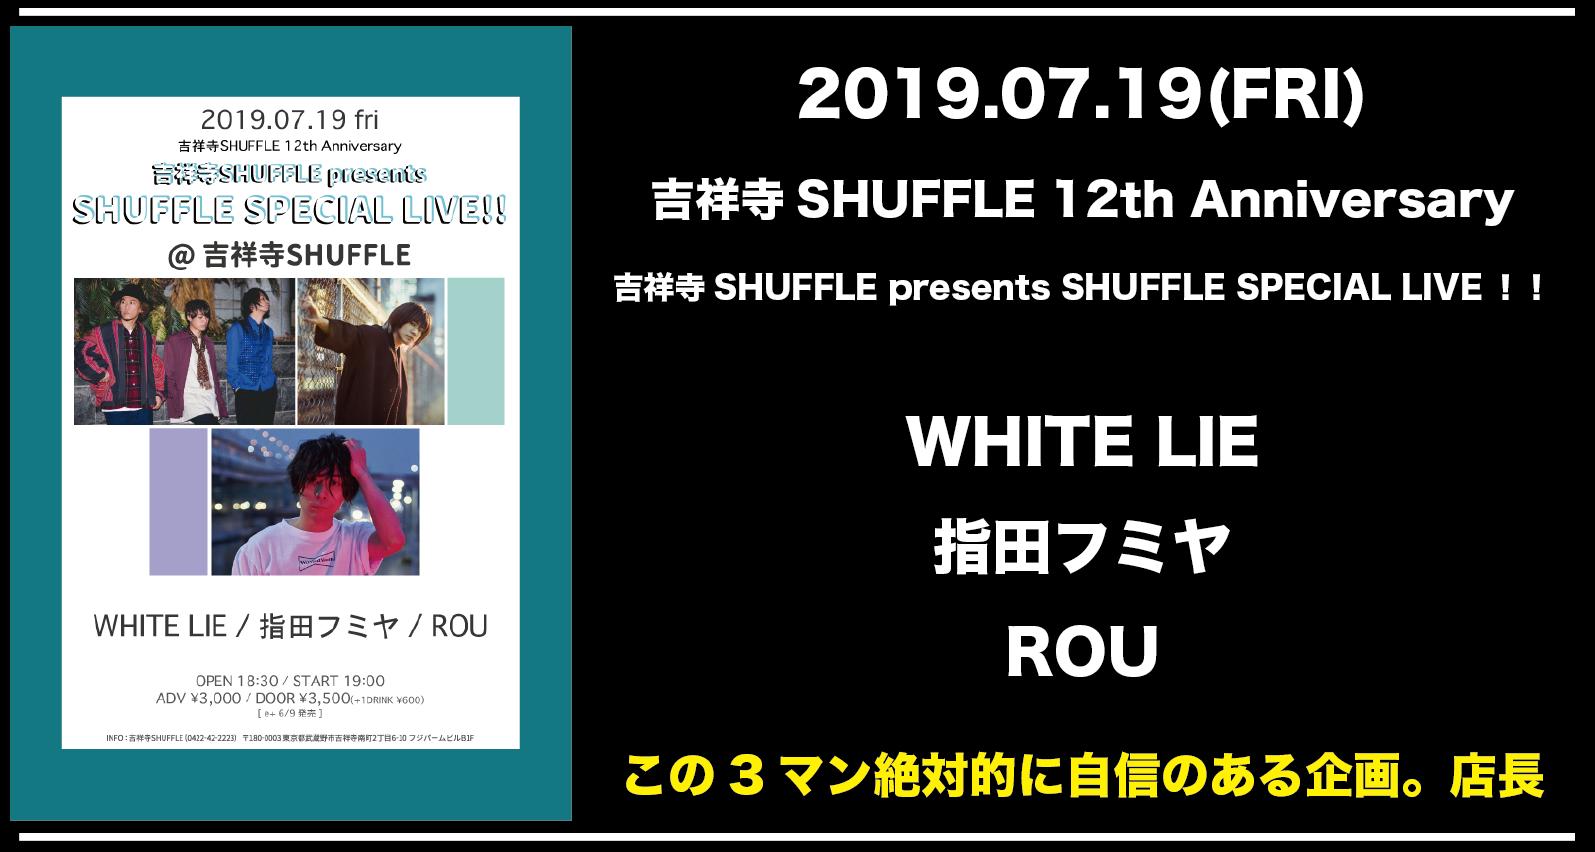 吉祥寺SHUFFLE 12th Anniversary 吉祥寺SHUFFLE presents SHUFFLE SPECIAL LIVE!!